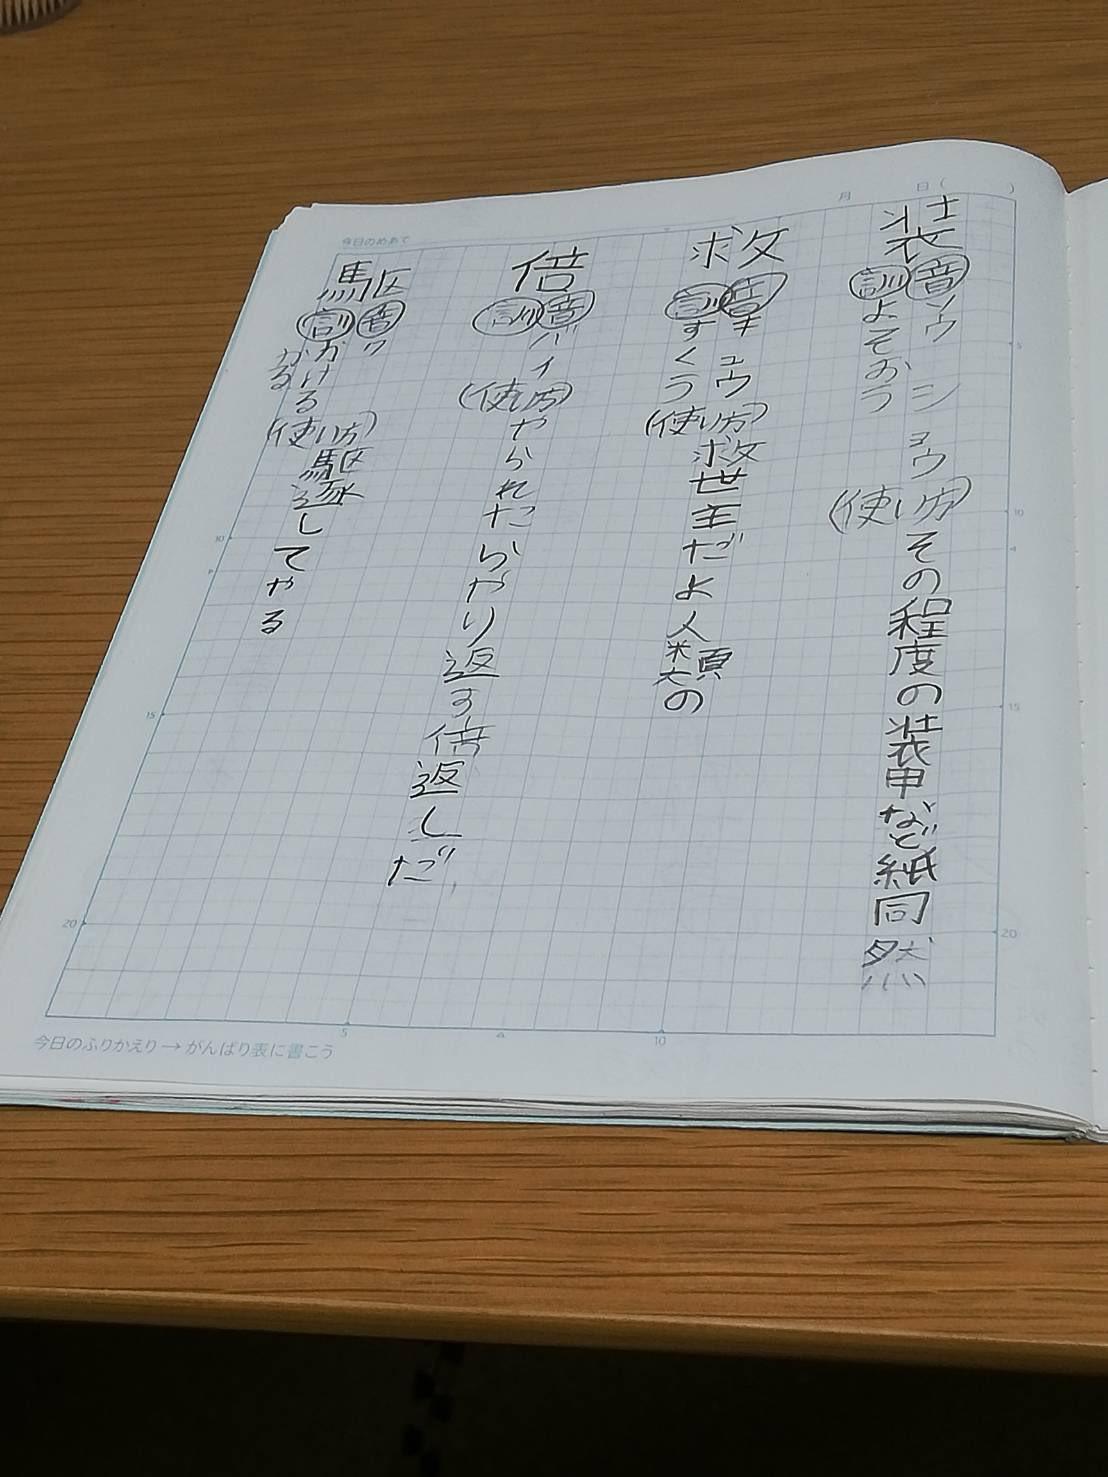 そしてこちらが「漢字の宿題が終わらない」と言う10歳児に「自分が好きなアニメの台詞を例文にすればいいんだよ!」って励ましたら爆誕した痛ノートです。これを採点する担任の先生ホンマごめんなさい。